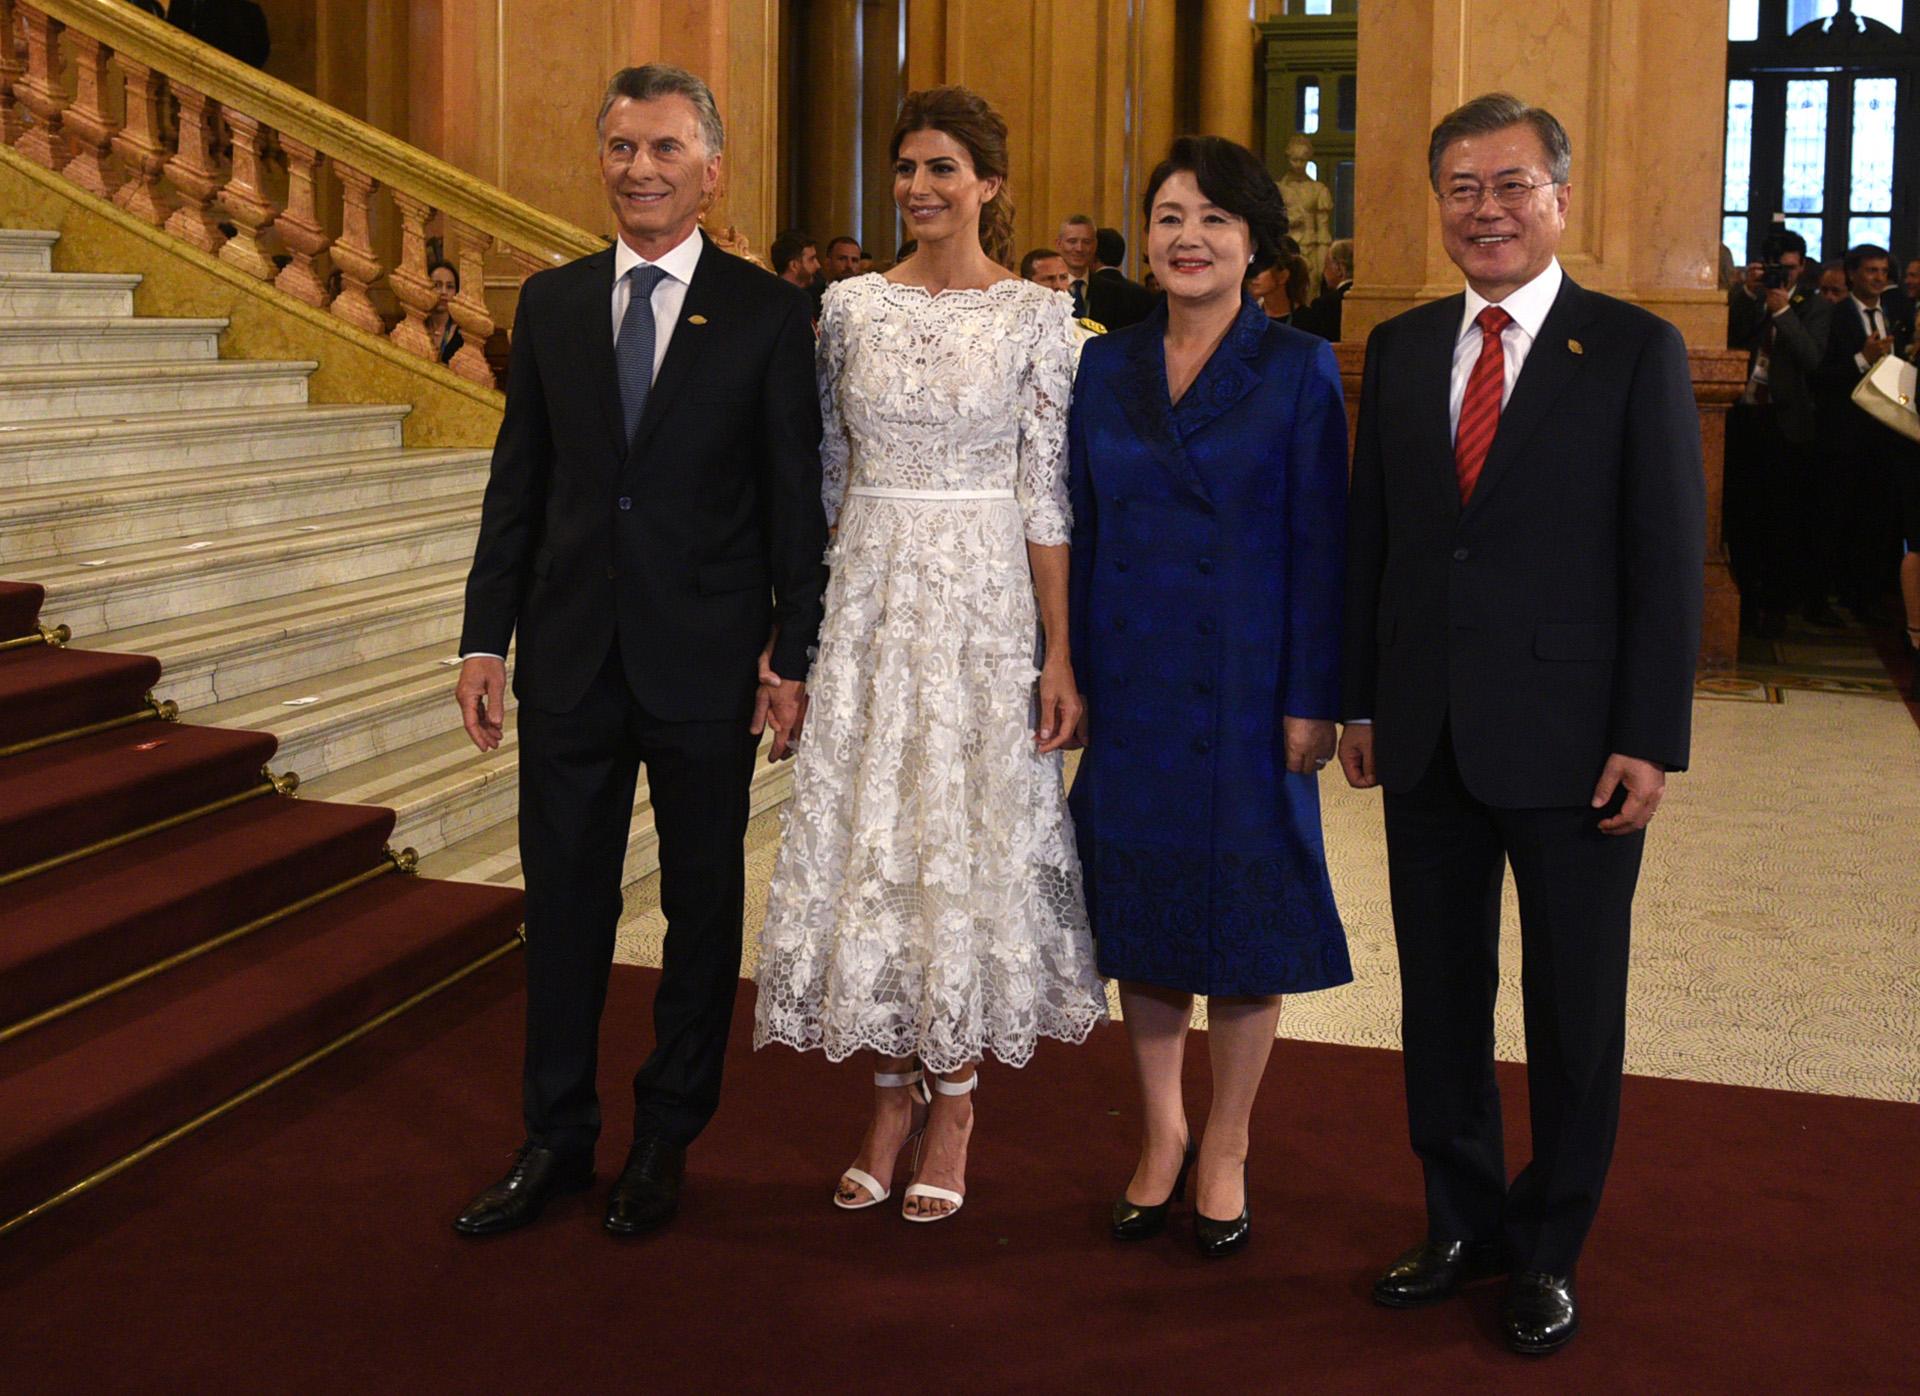 El presidente de Corea del Sur, Moon Jae-in, y su esposa Jung- sook Kim